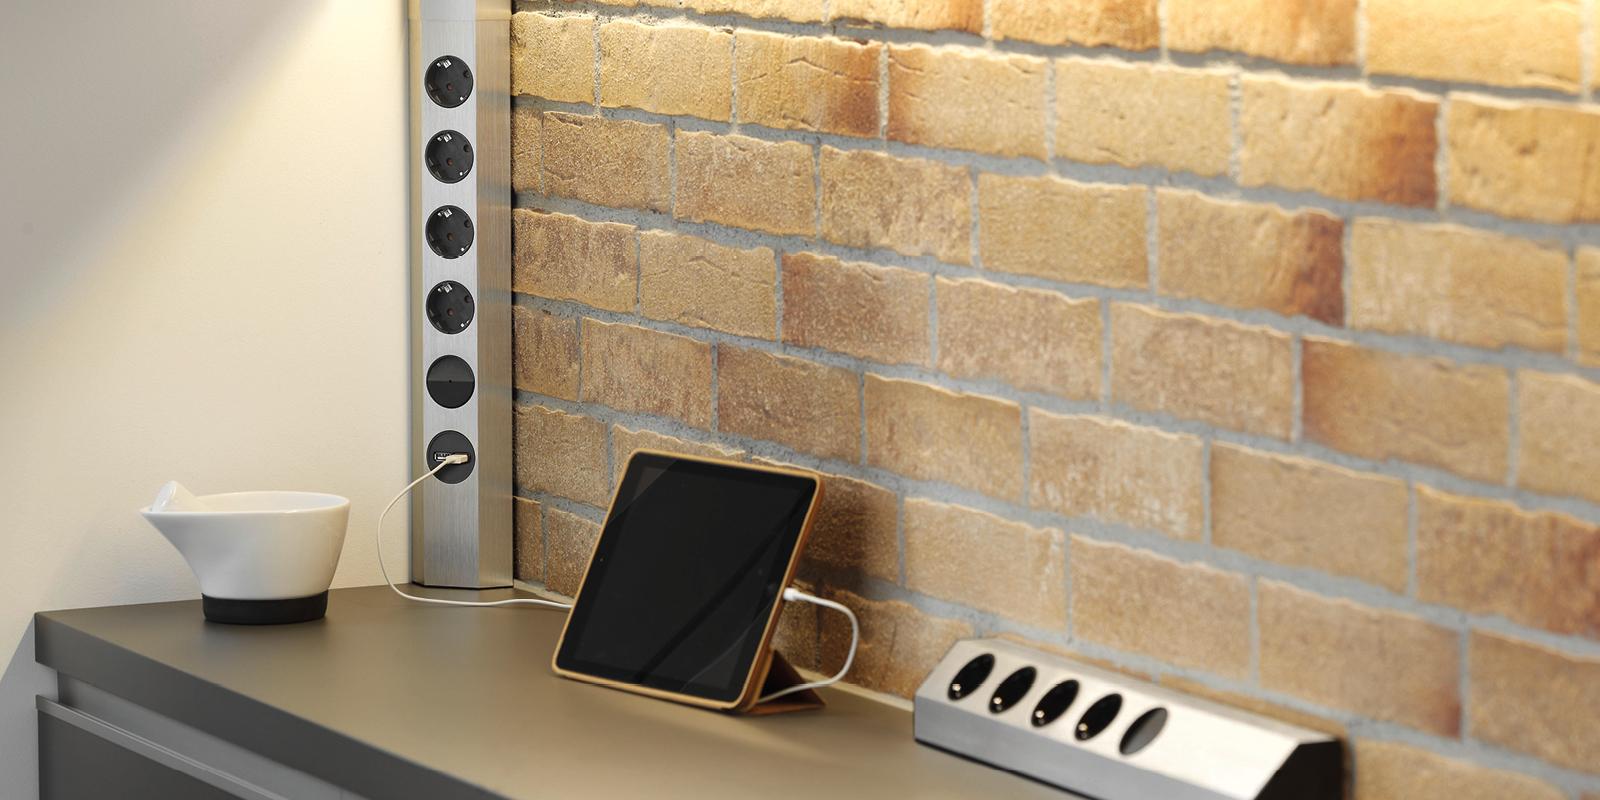 BACHMANN Universal-Steckdosenleiste mit 4 Steckdosen, 1 Schalter, 1 USB-Charger